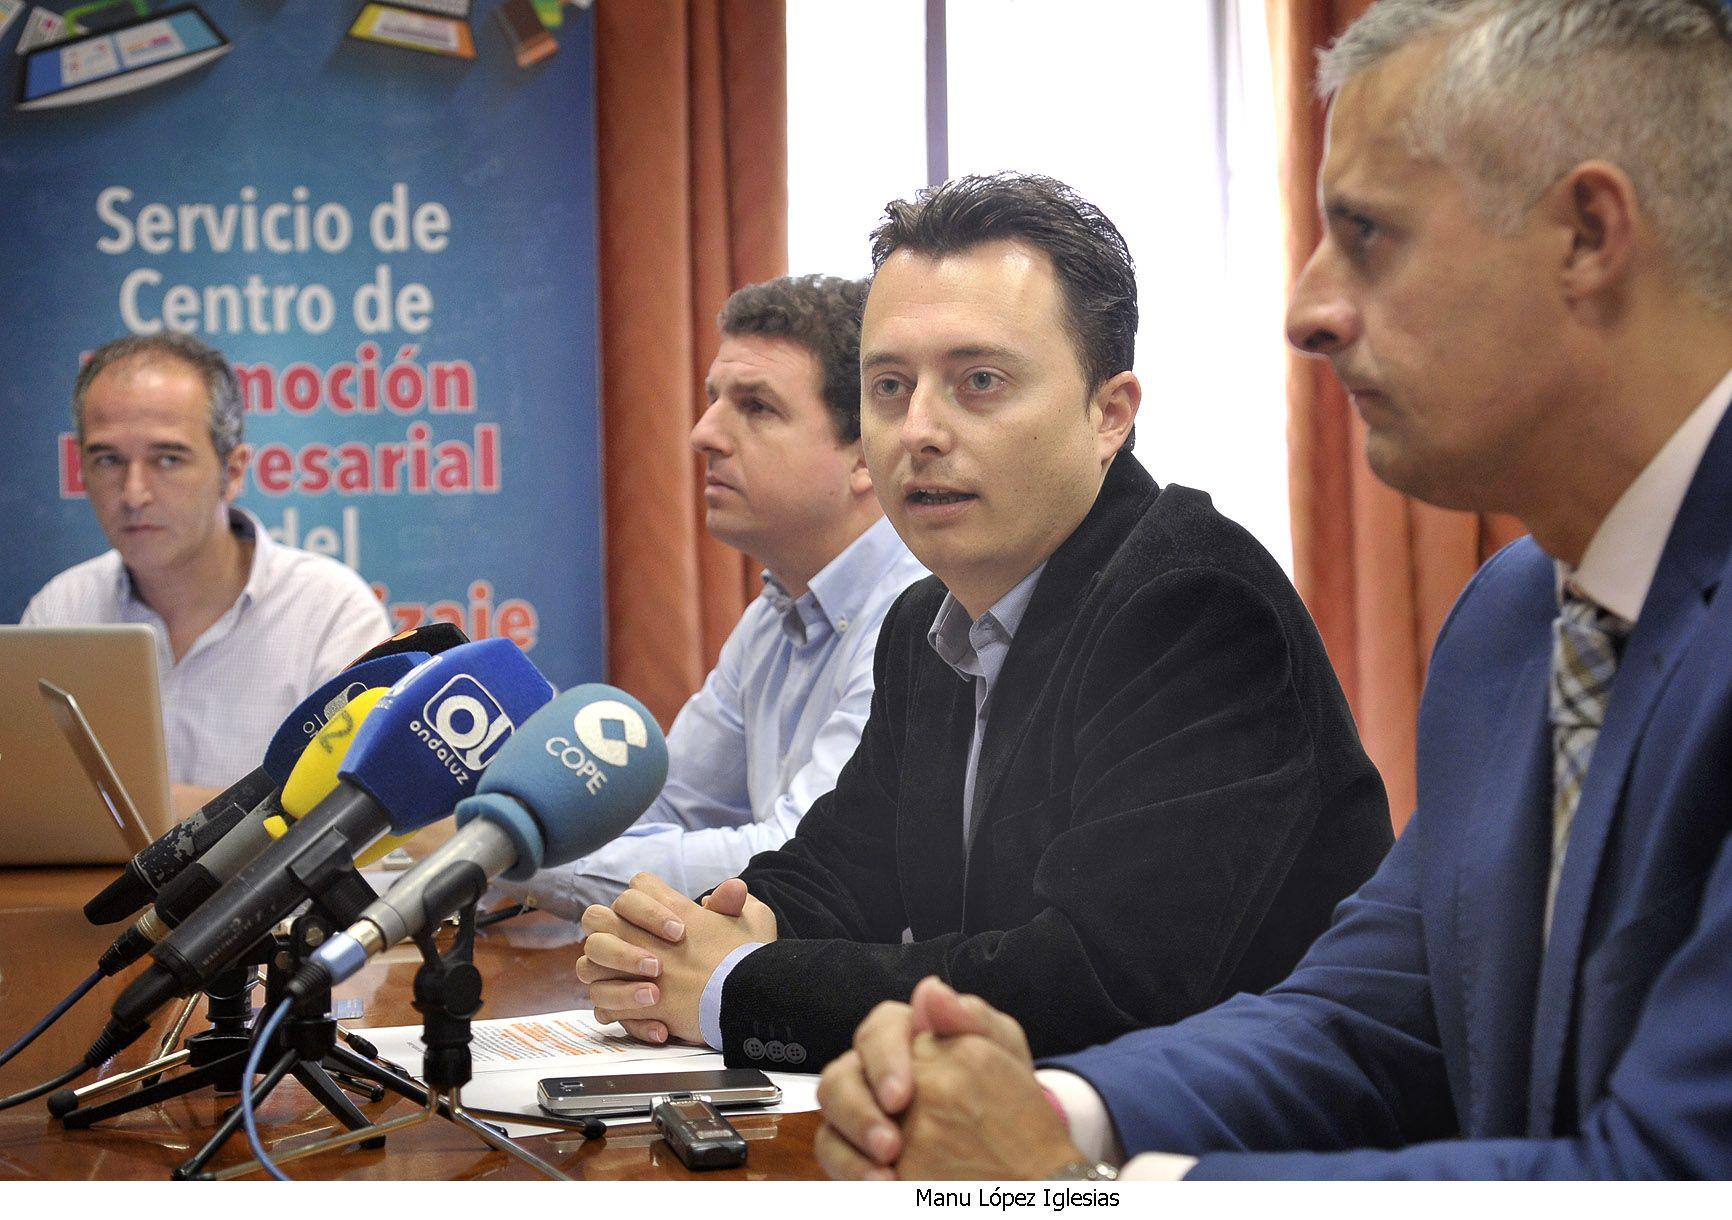 Santiago Galvan pres servicios empresariales